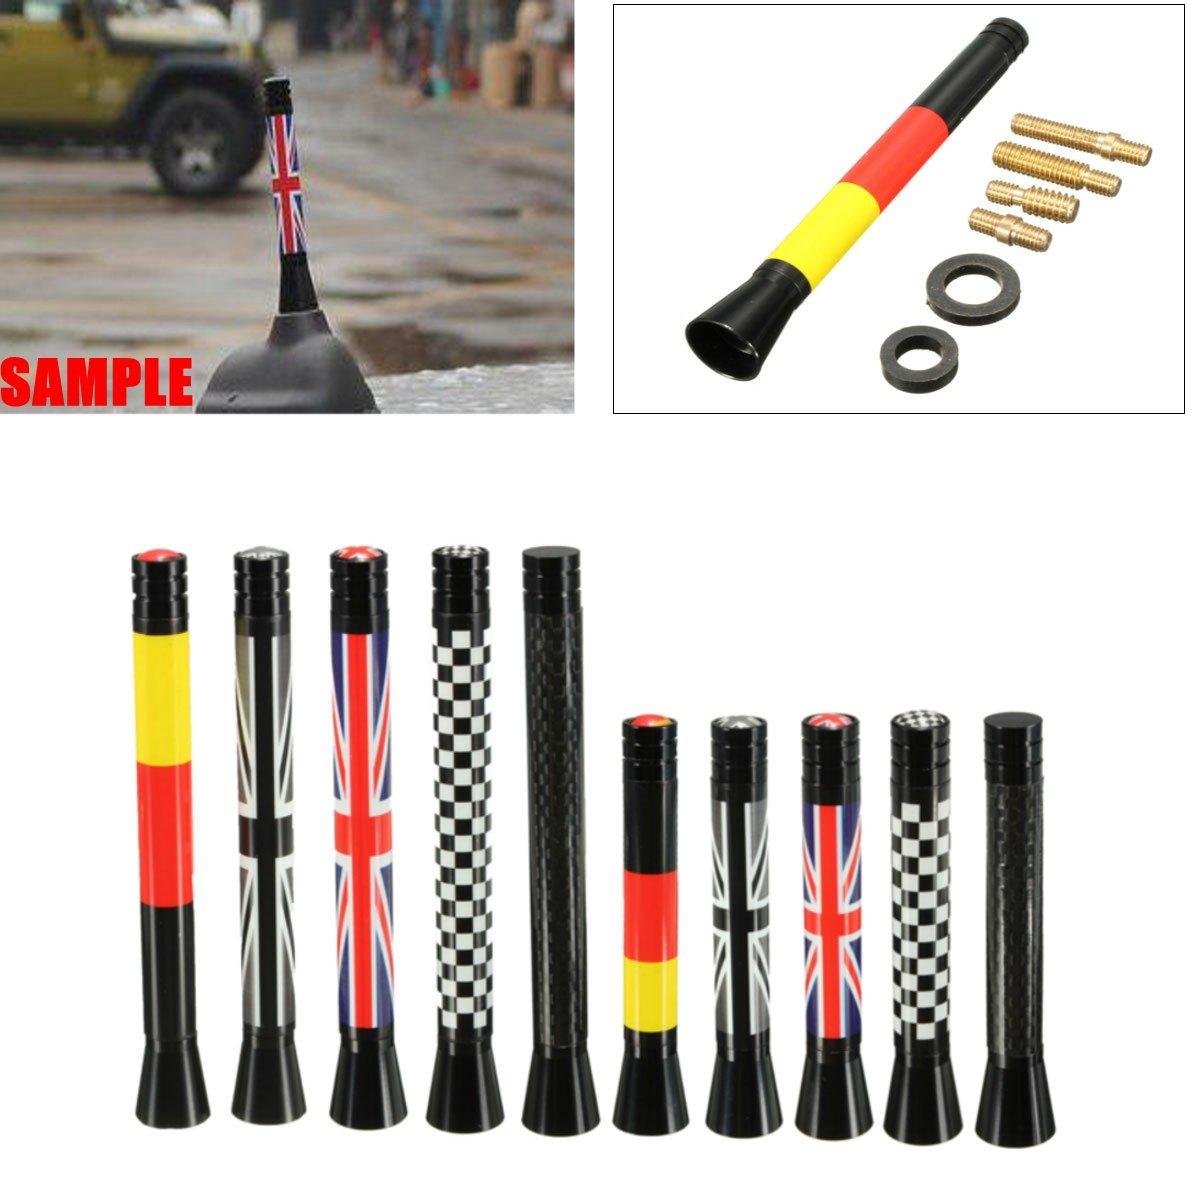 7.7cm/10.7cm Union Jack UK GER Flag Carbon Fiber Grid Car Antenna Vivona NO.: 003